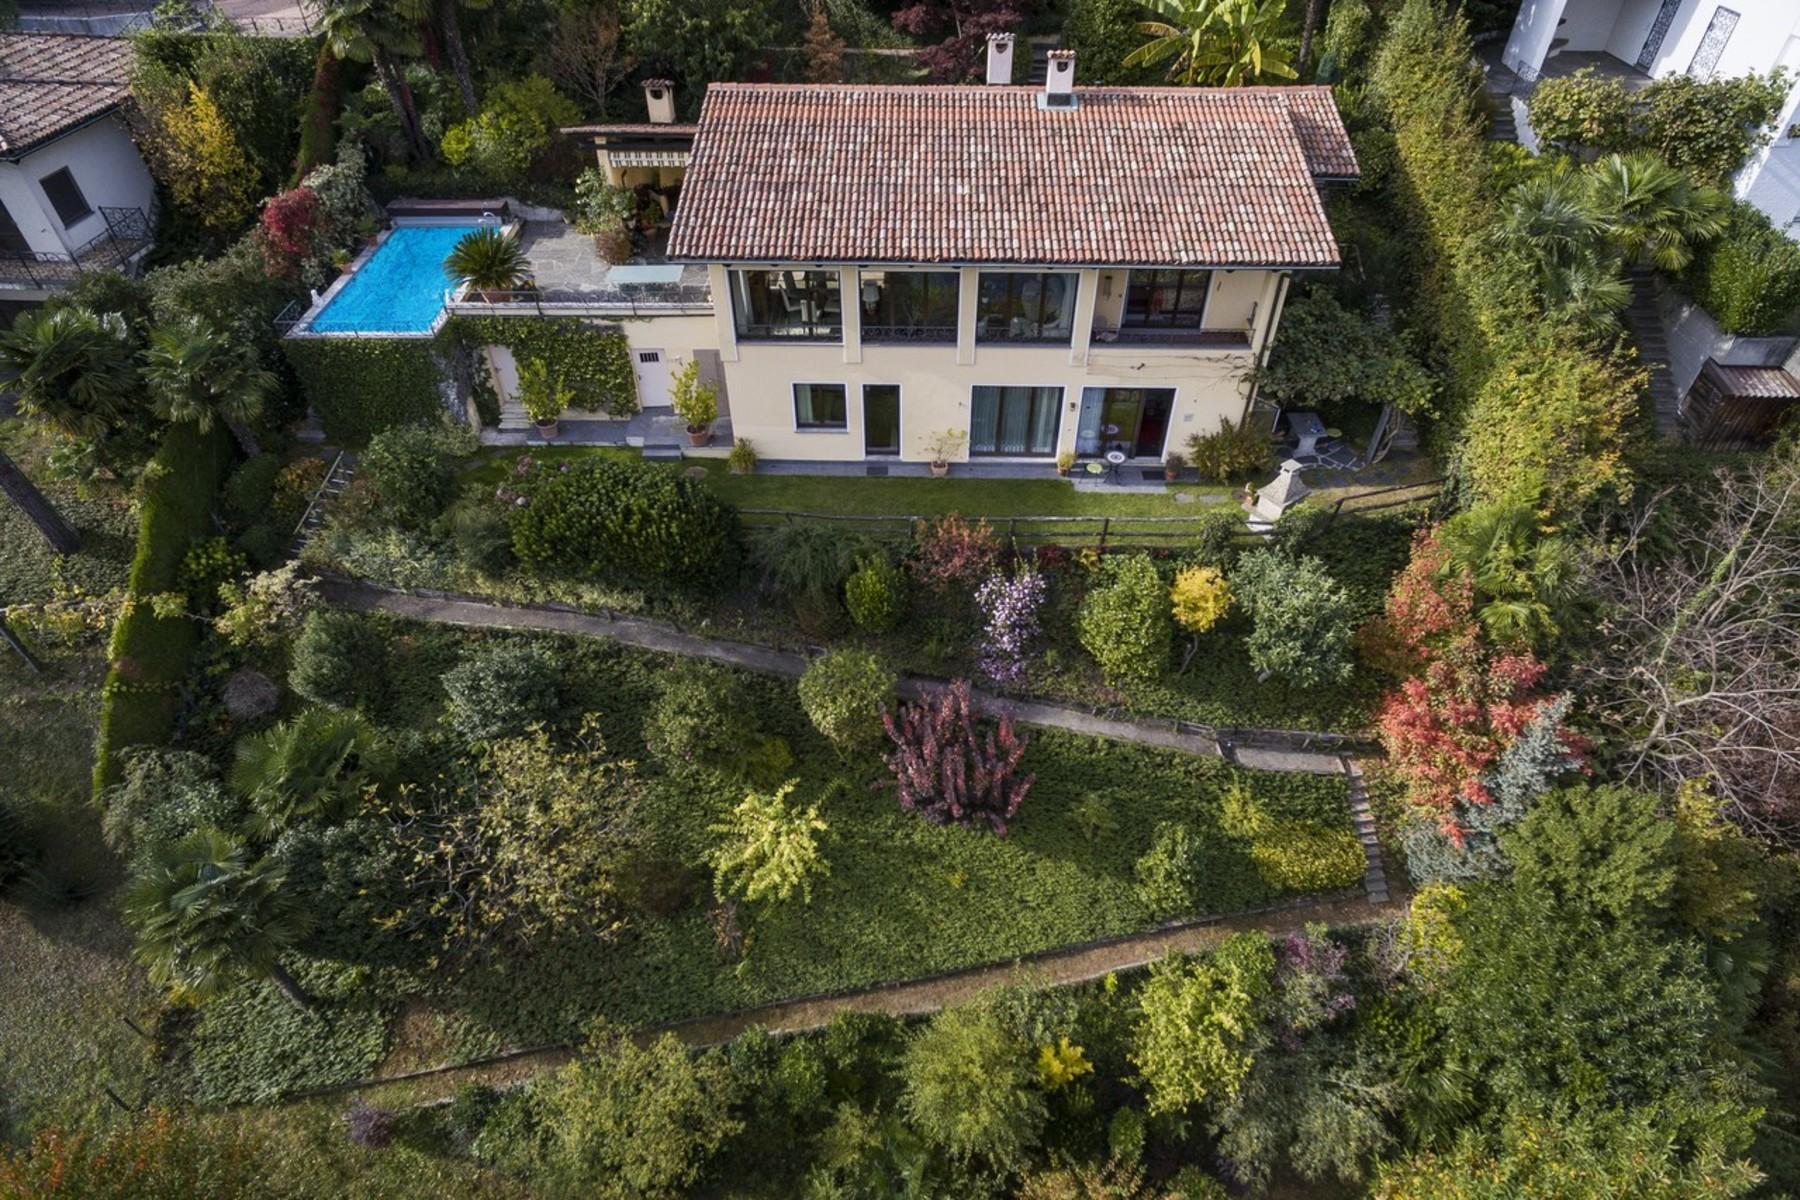 단독 가정 주택 용 매매 에 For sale, House, 6922 Morcote, Rif. 20905 Morcote, Ticino, 6922 스위스